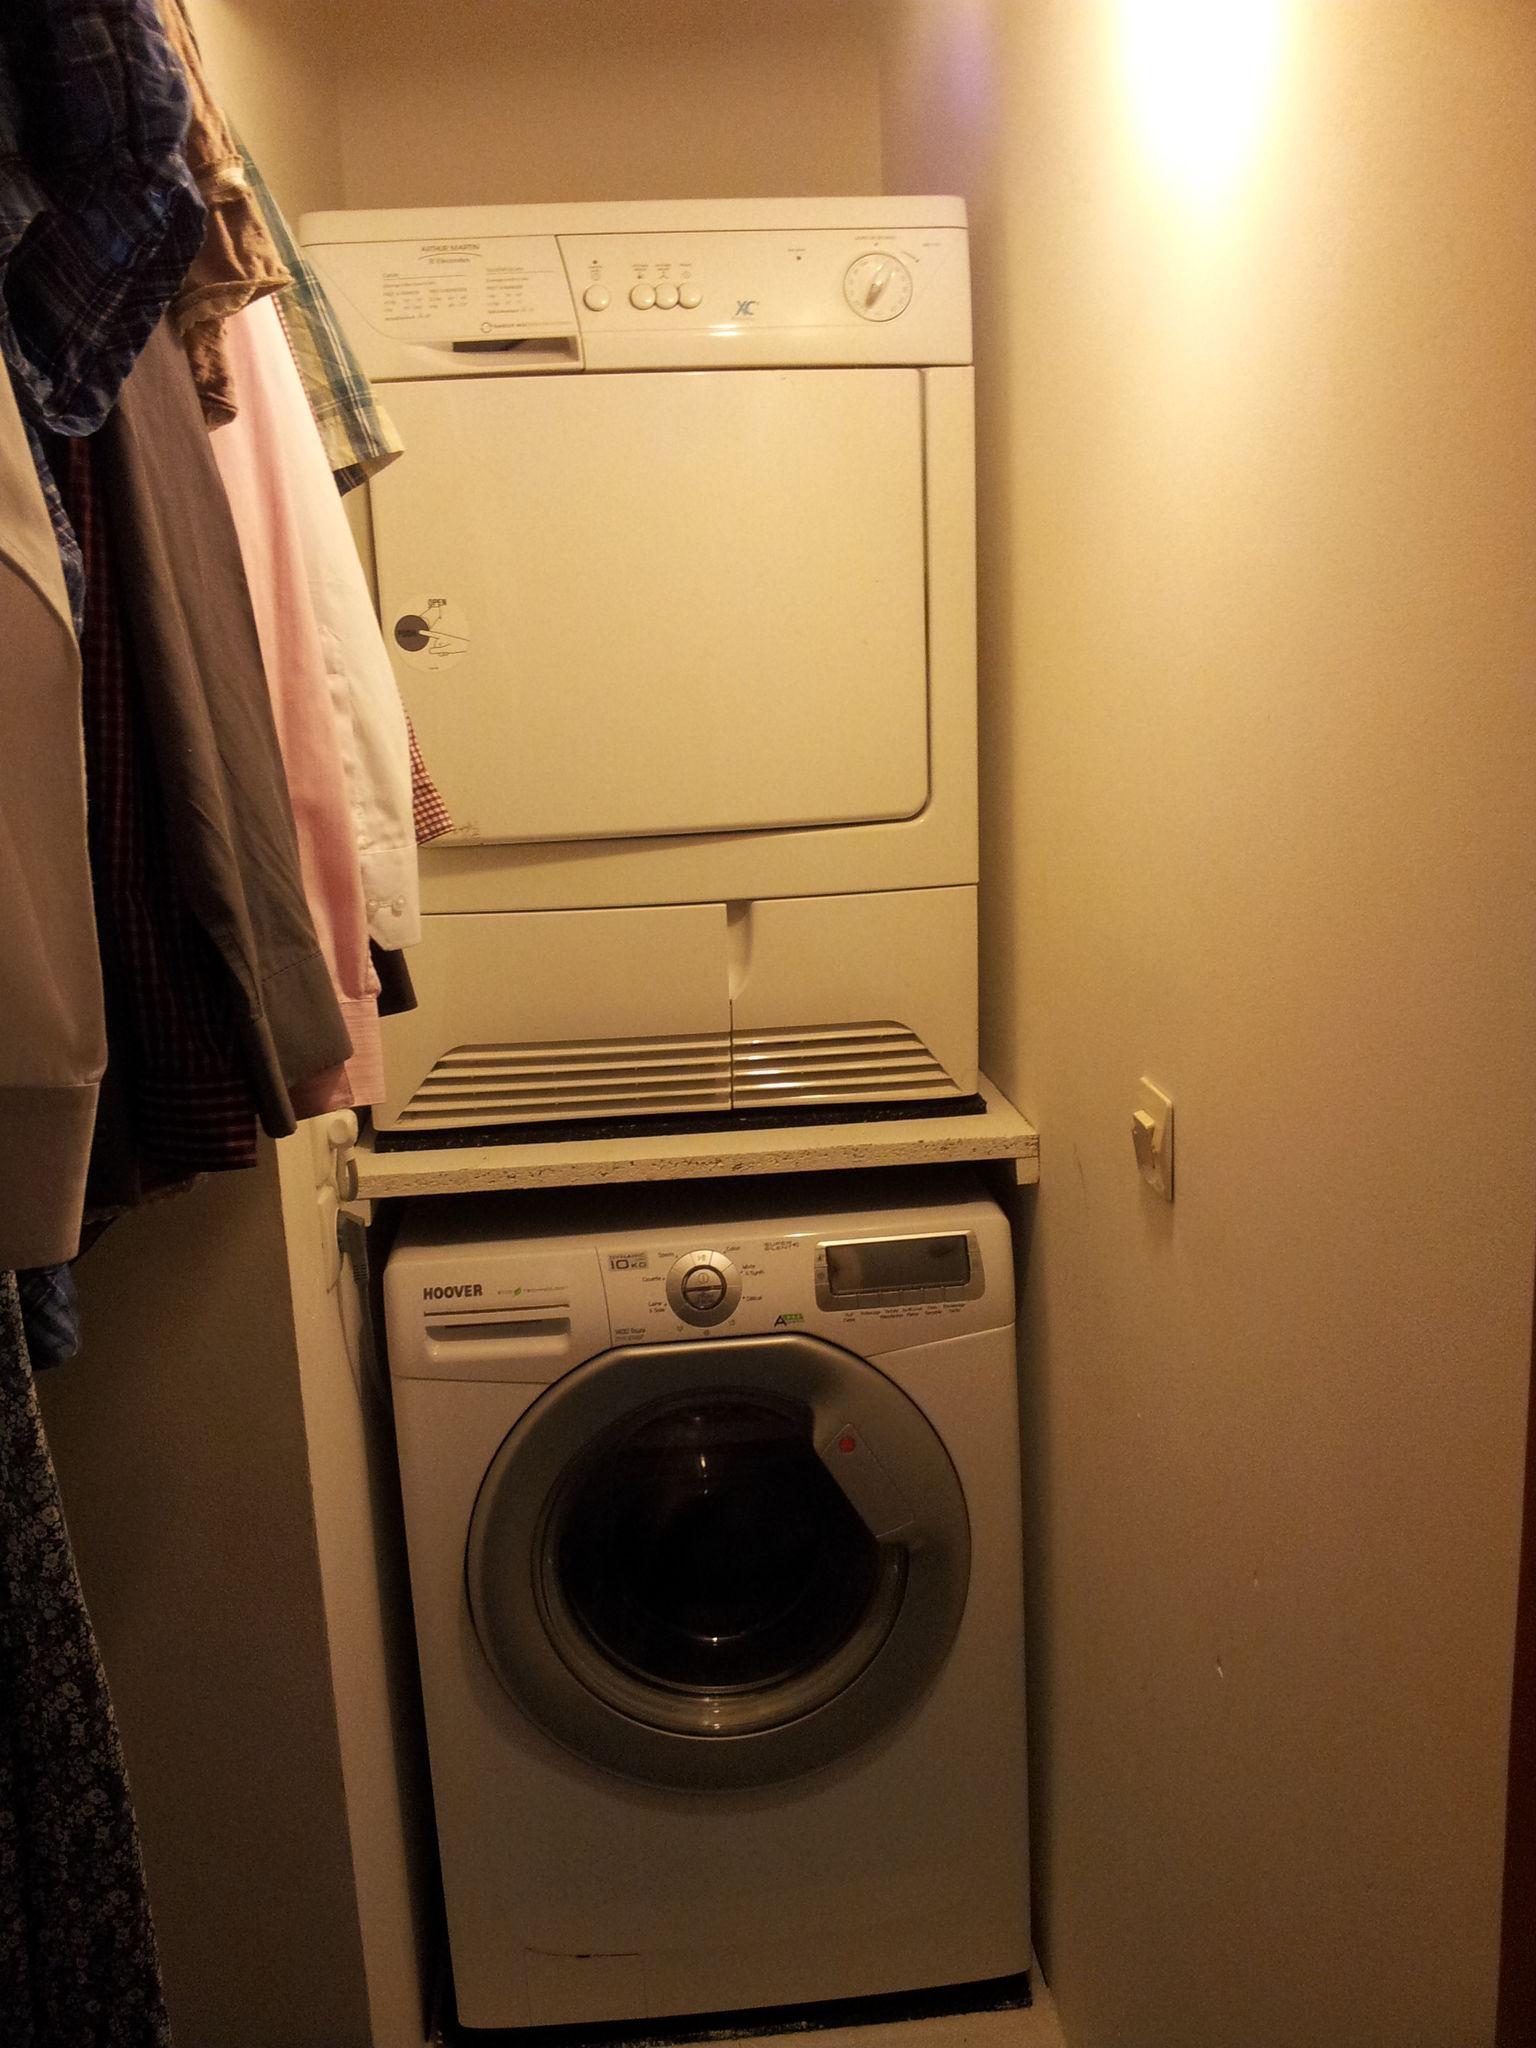 poids d une machine laver elle assure ainsi une efficacit de lavage maximale le parfait soin de. Black Bedroom Furniture Sets. Home Design Ideas